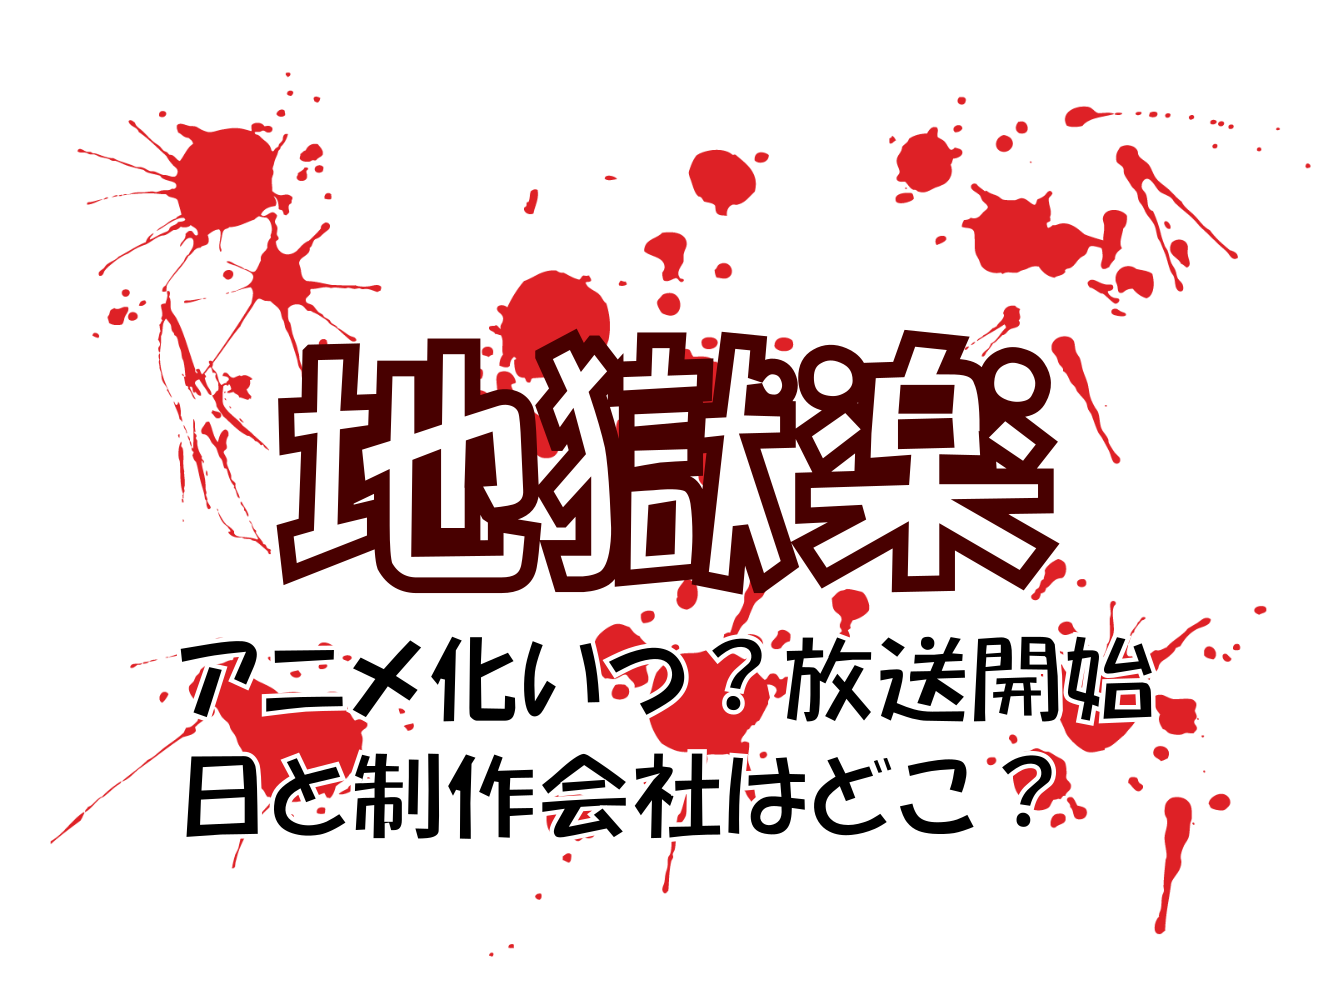 楽 化 地獄 アニメ